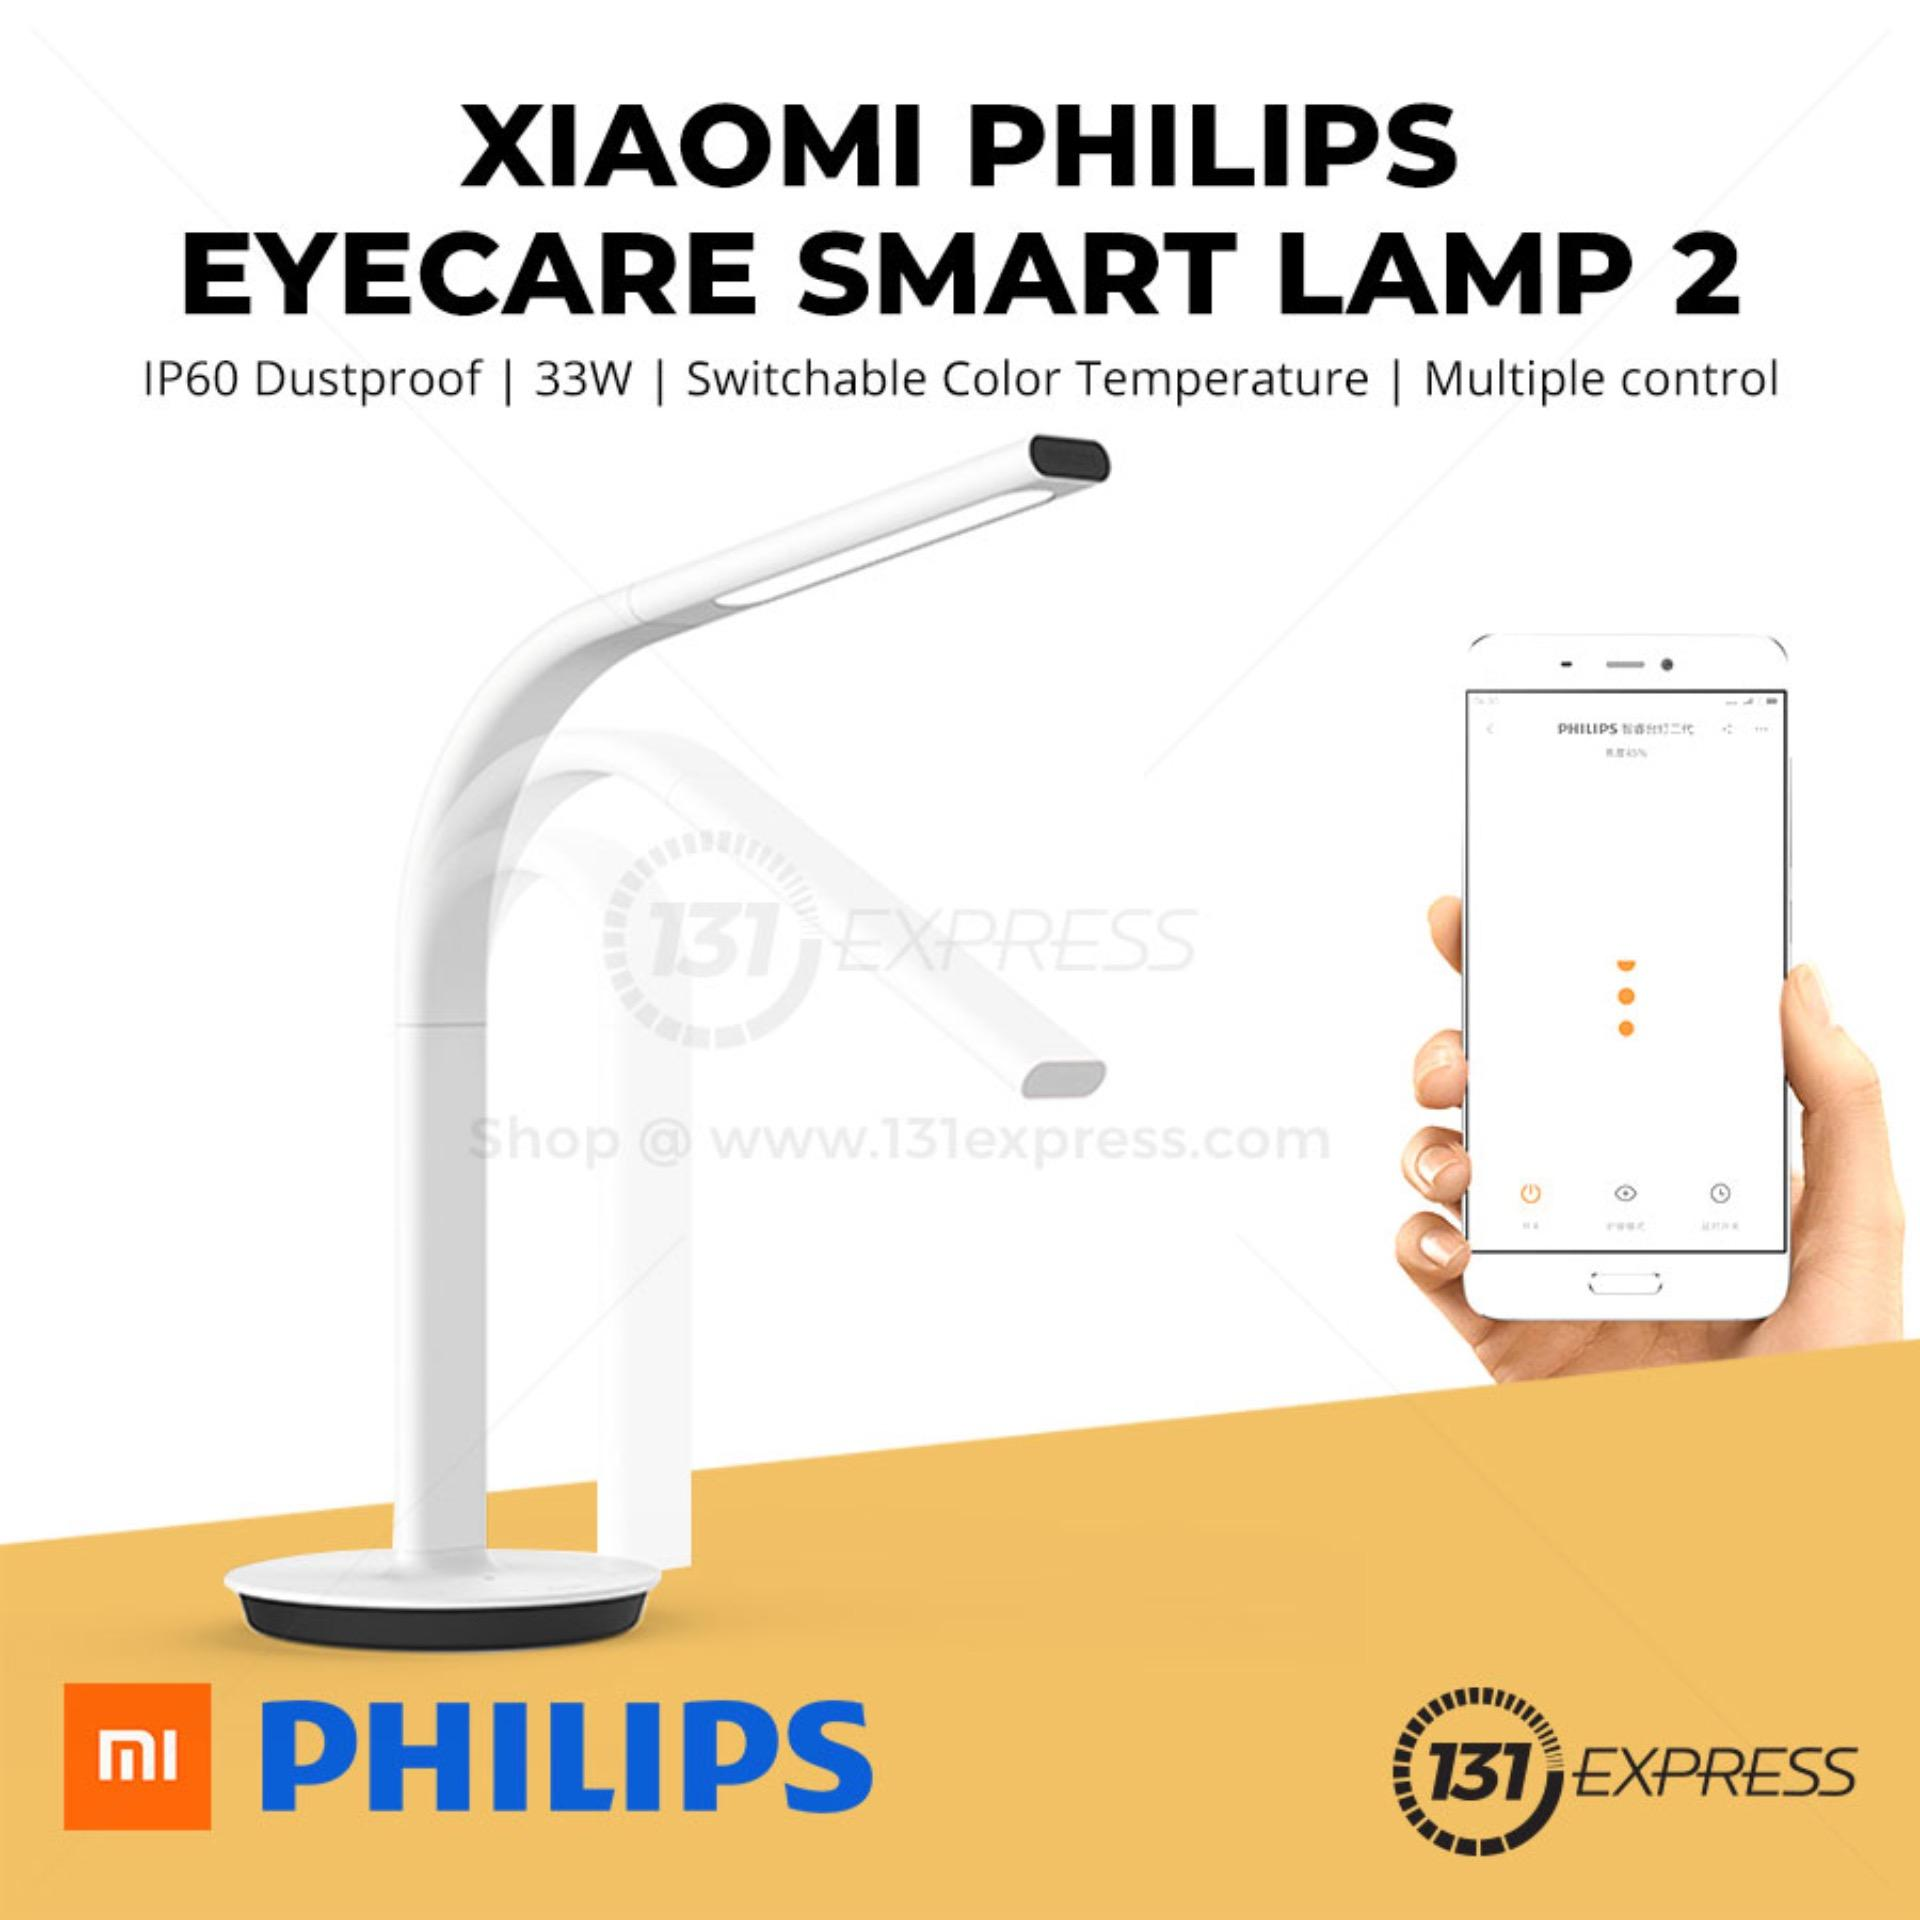 Xiaomi Philips Eyecare Desk Lamp Gen 2 Free Shipping